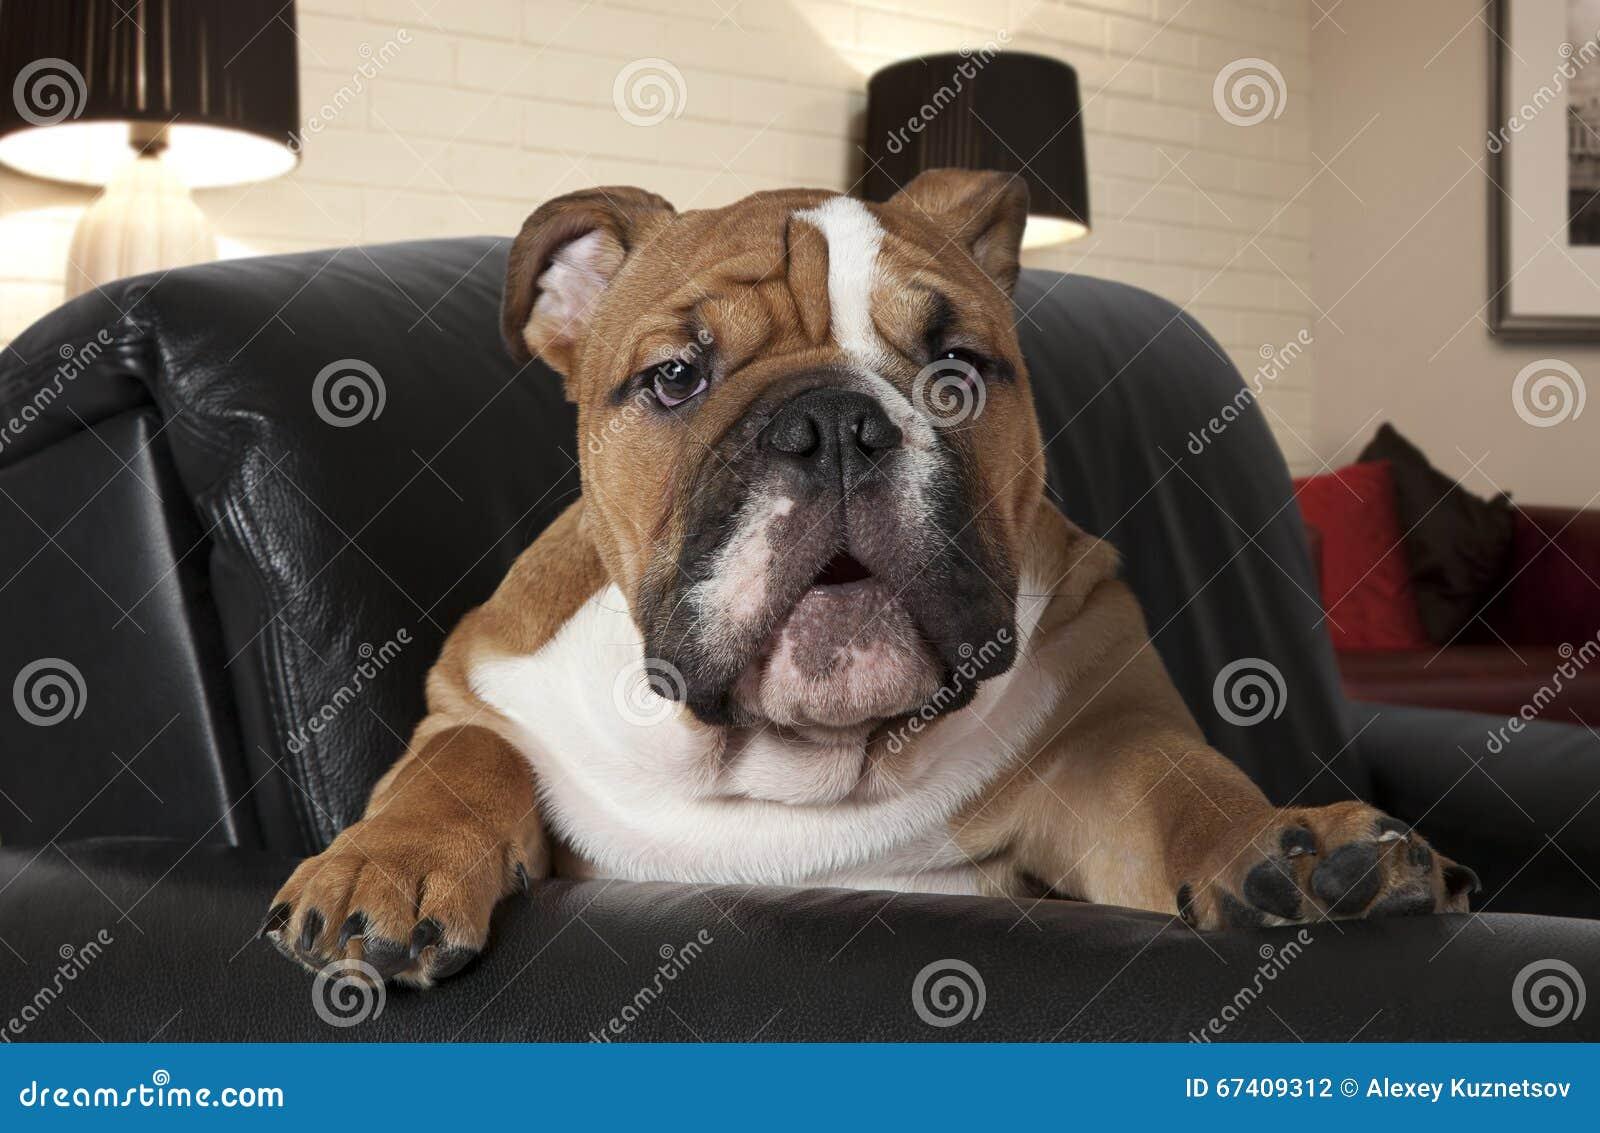 Englische Bulldogge Im Wohnzimmer